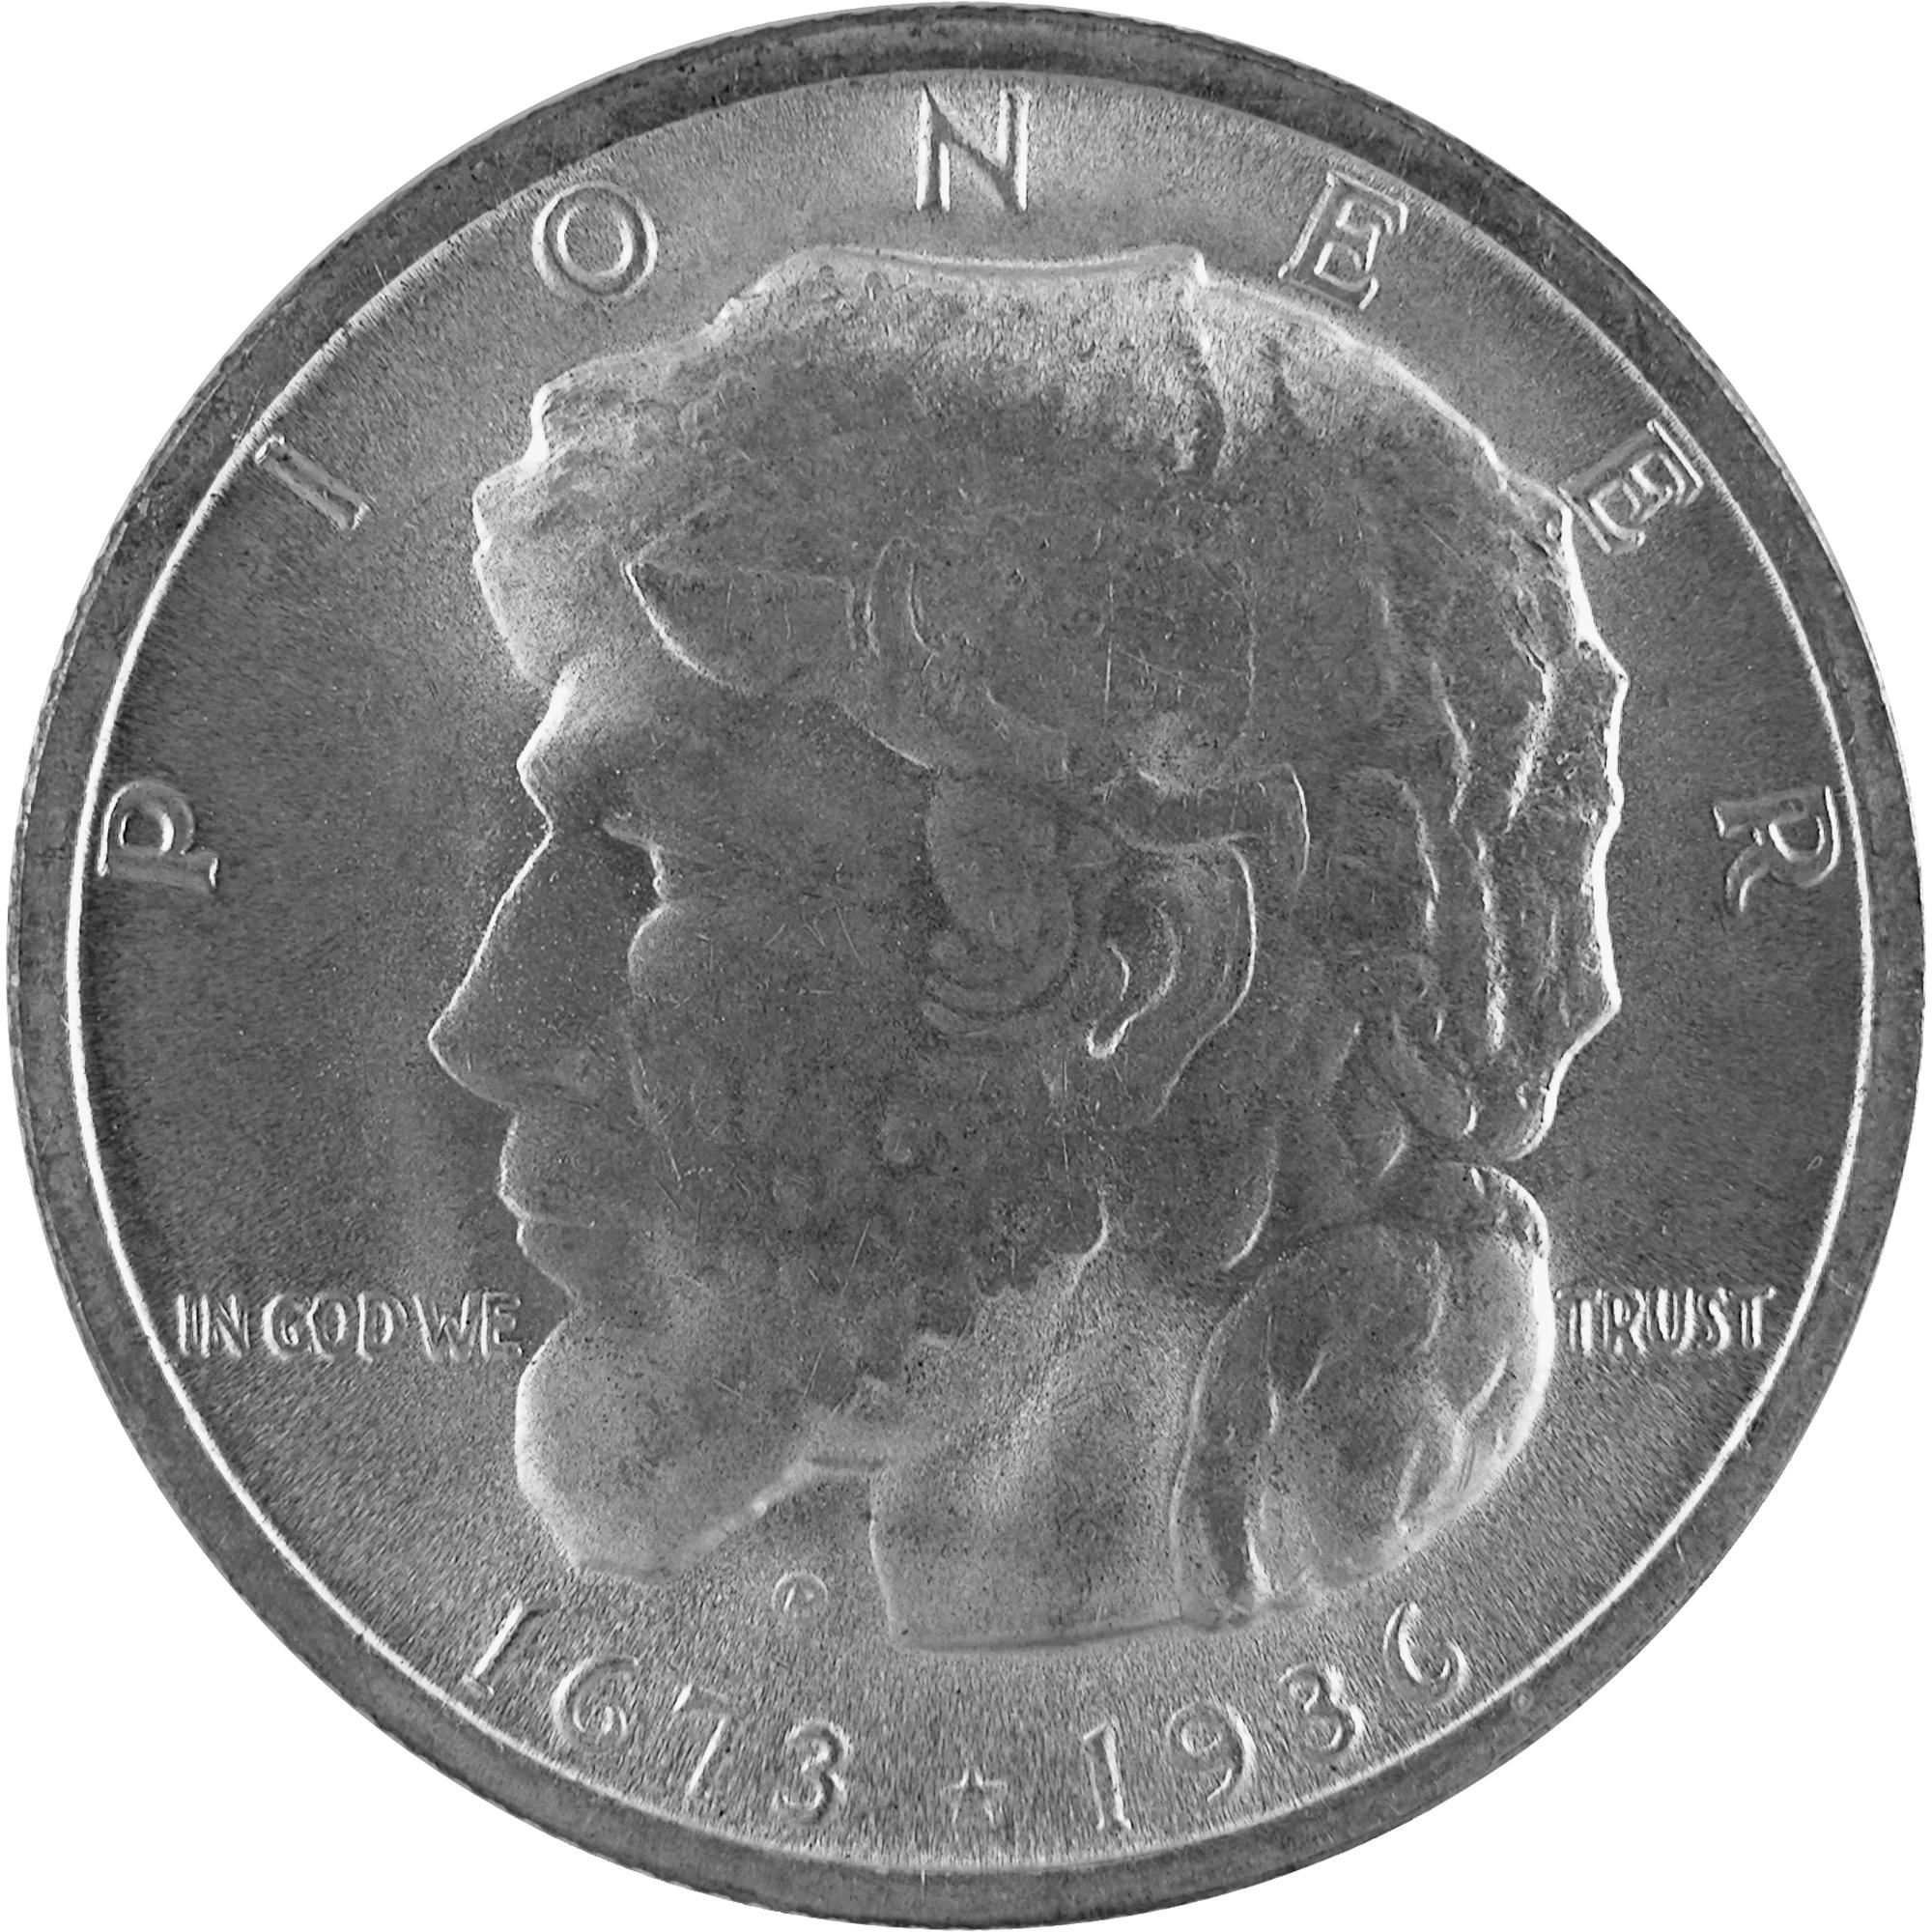 1936 Elgin Illinois Centennial Commemorative Silver Half Dollar Coin Obverse